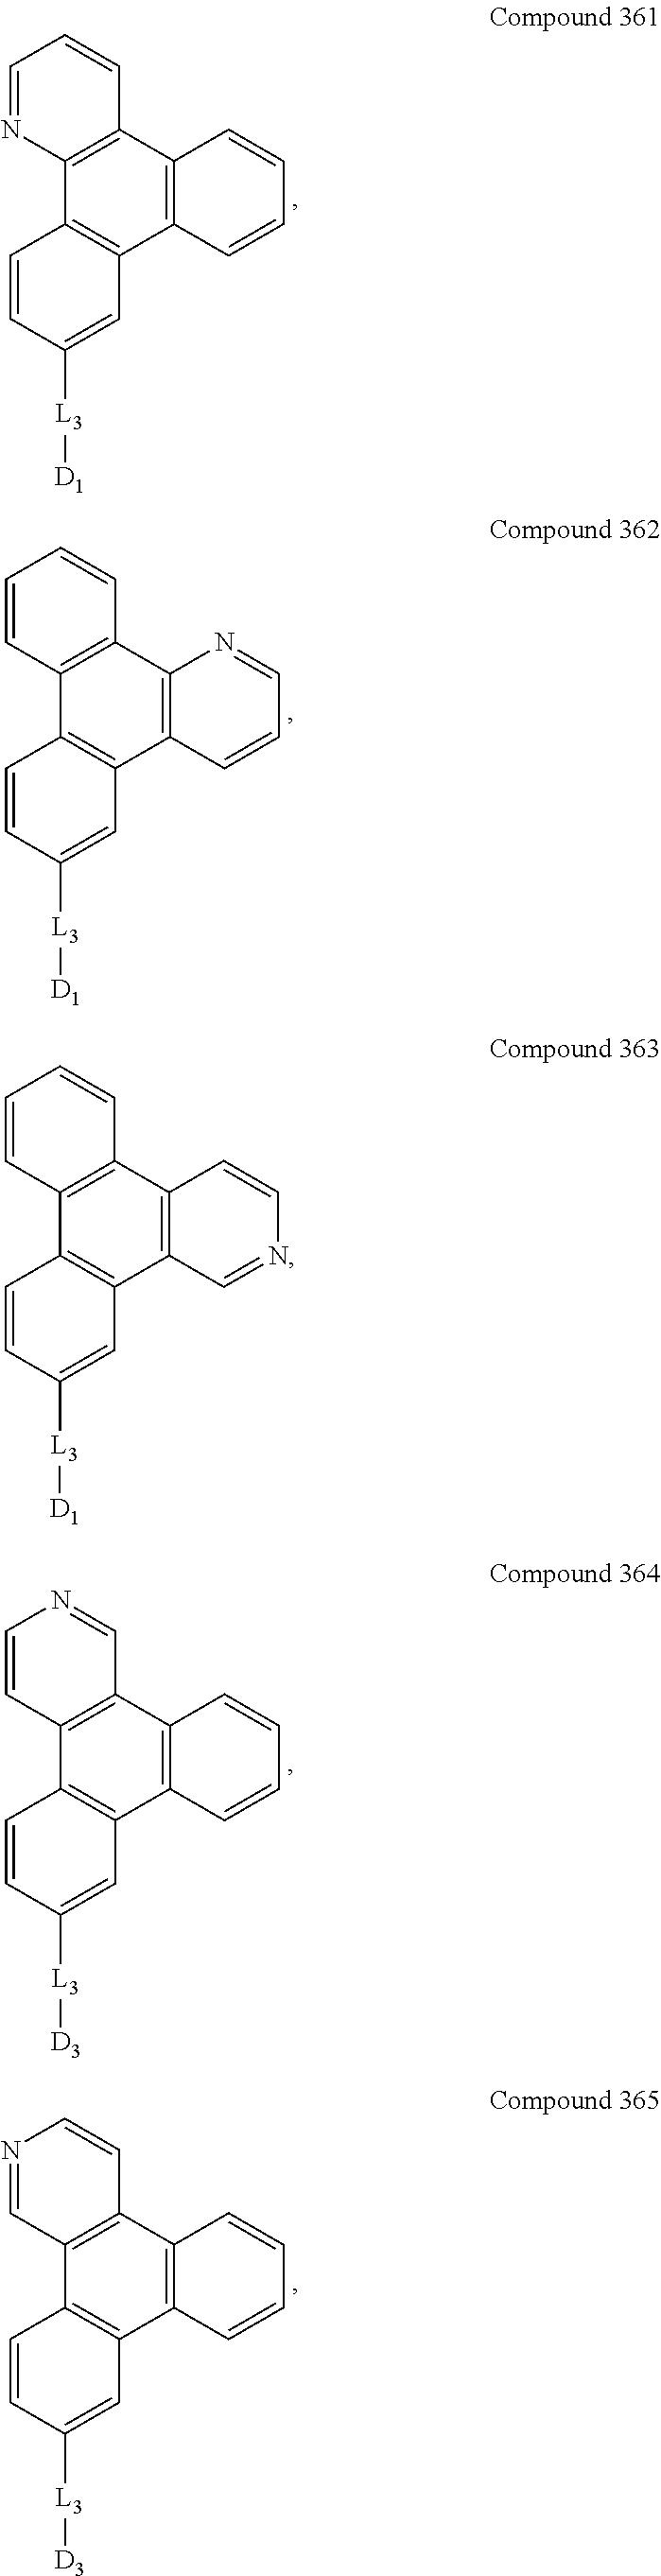 Figure US09537106-20170103-C00228